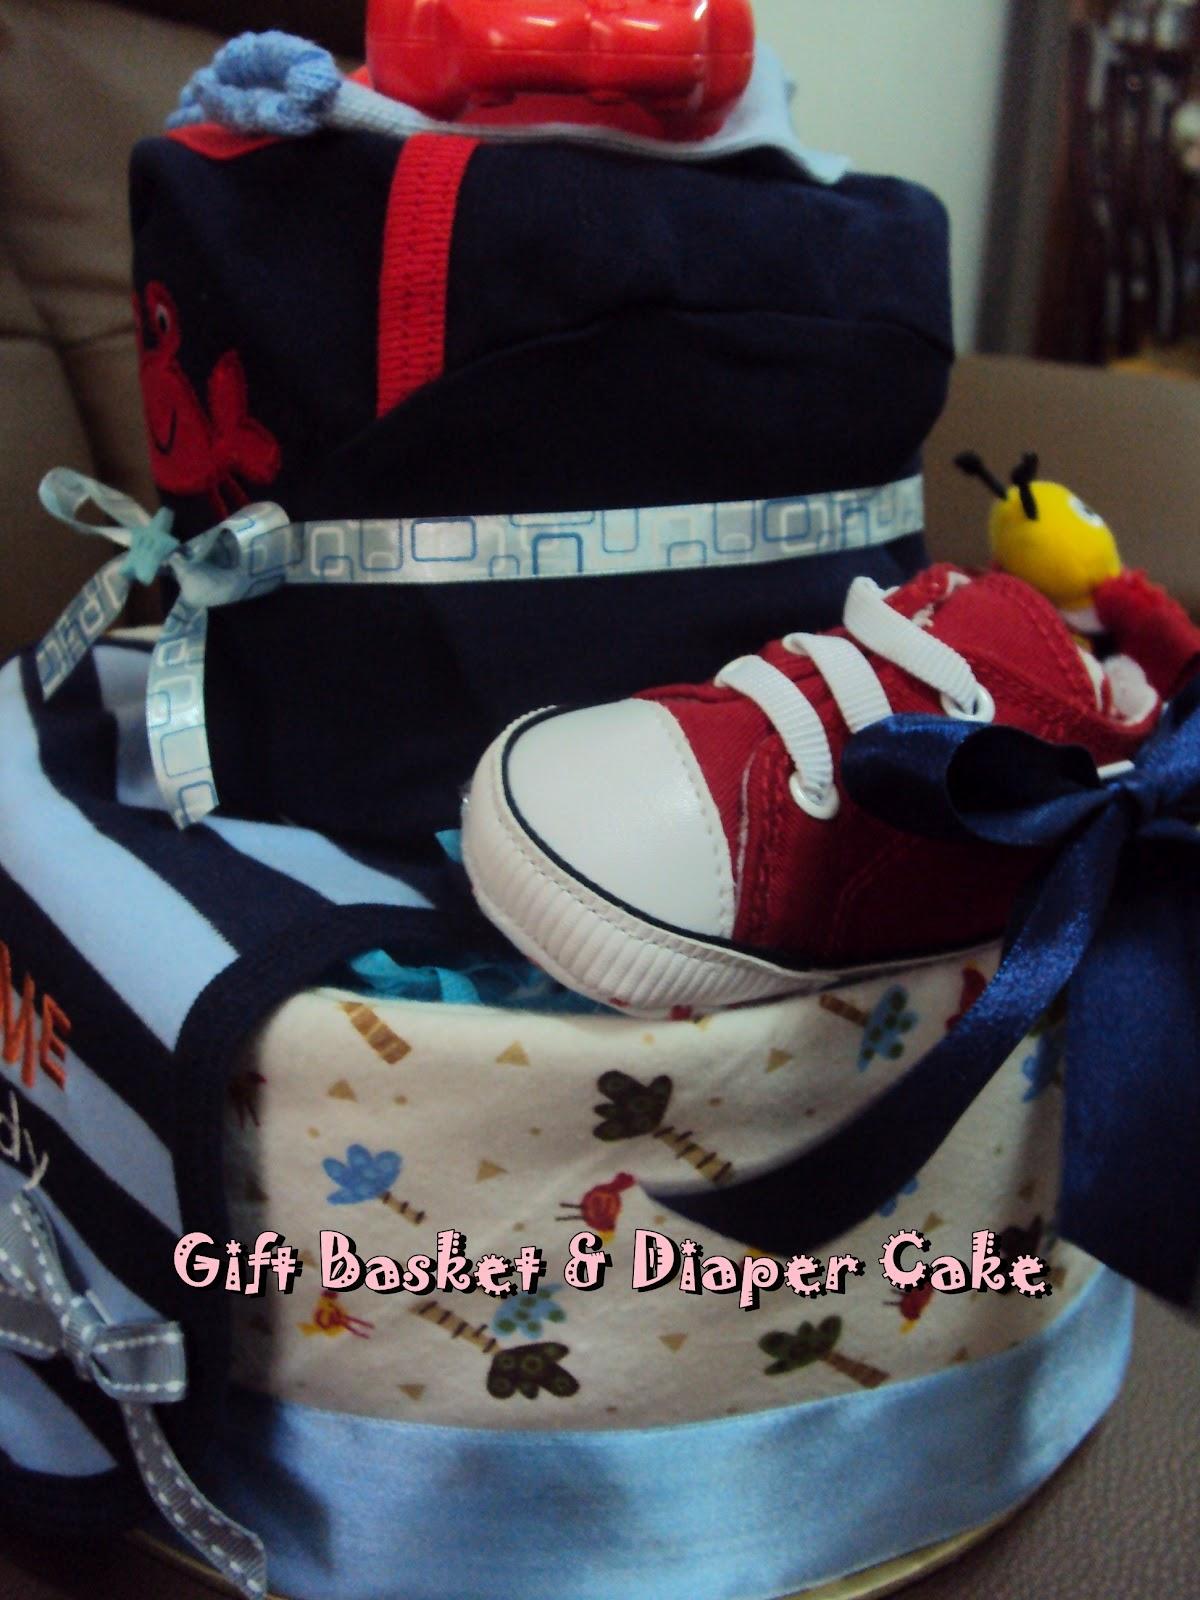 Kay's Gift Basket & Diaper Cake